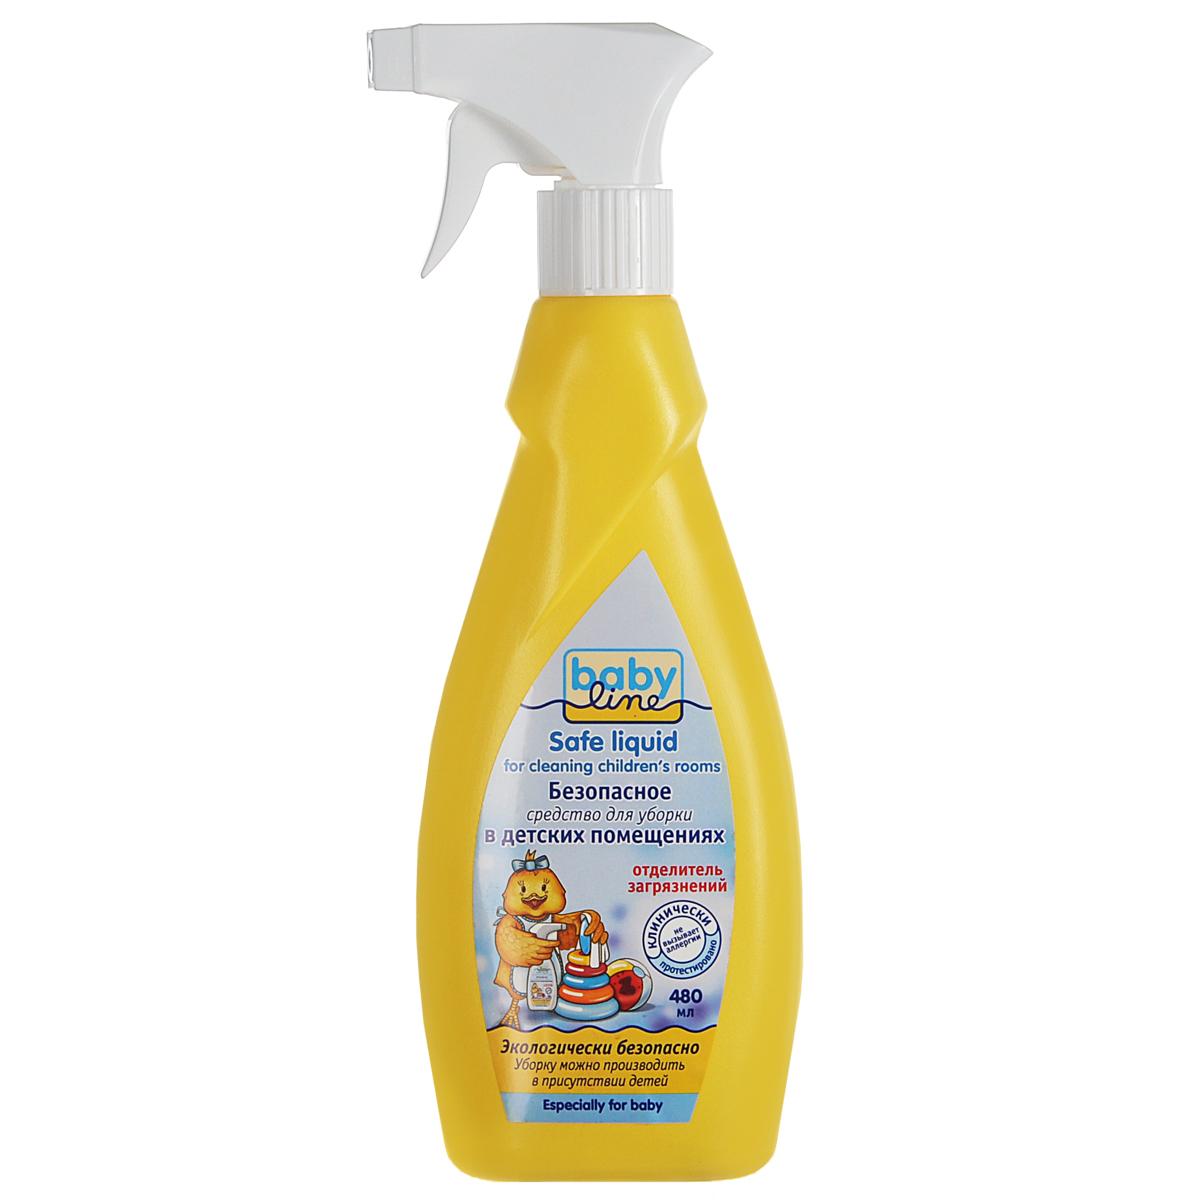 BabyLine Безопасное средство для уборки детских помещений, 480 мл18273255Эффективное чистяще-моющее средство BabyLine предназначено для уборки в помещениях, где находятся дети и, особенно, аллергики. Эффективно удаляет органические загрязнения от молока, фруктовых и овощных пюре, соков, а также мочи, кала, следы от фломастера, карандаша, наклеек, скотча и другую грязь. Подходит для чистки предметов из любых материалов: дерева, кожи, кожзаменителя, тканей, пластика, линолеума и пр. Не имеет цвета и запаха. Не раздражает кожные покровы и дыхательные пути. Не содержит спирта, хлора, диоксидов. Продукт биоразлагаем, не наносит вреда окружающей среде. Характеристики:Объем: 480 мл. Артикул: 18273255. Изготовитель: Бельгия. Товар сертифицирован.